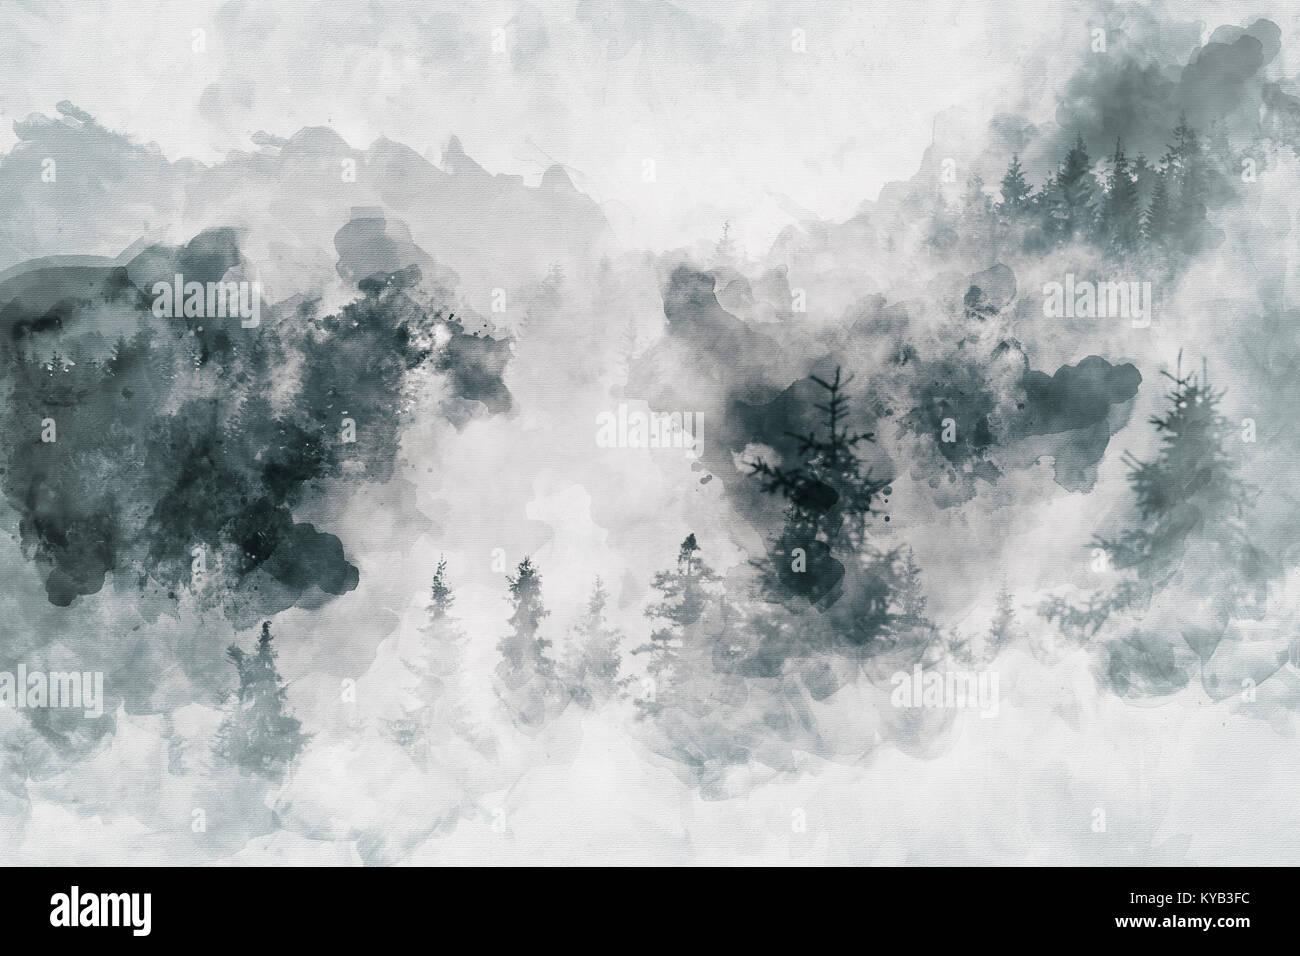 Abstrakte Kunst Arbeiten Die Einen Dunklen Wald Mit Birken Mixed Media Stockfotografie Alamy